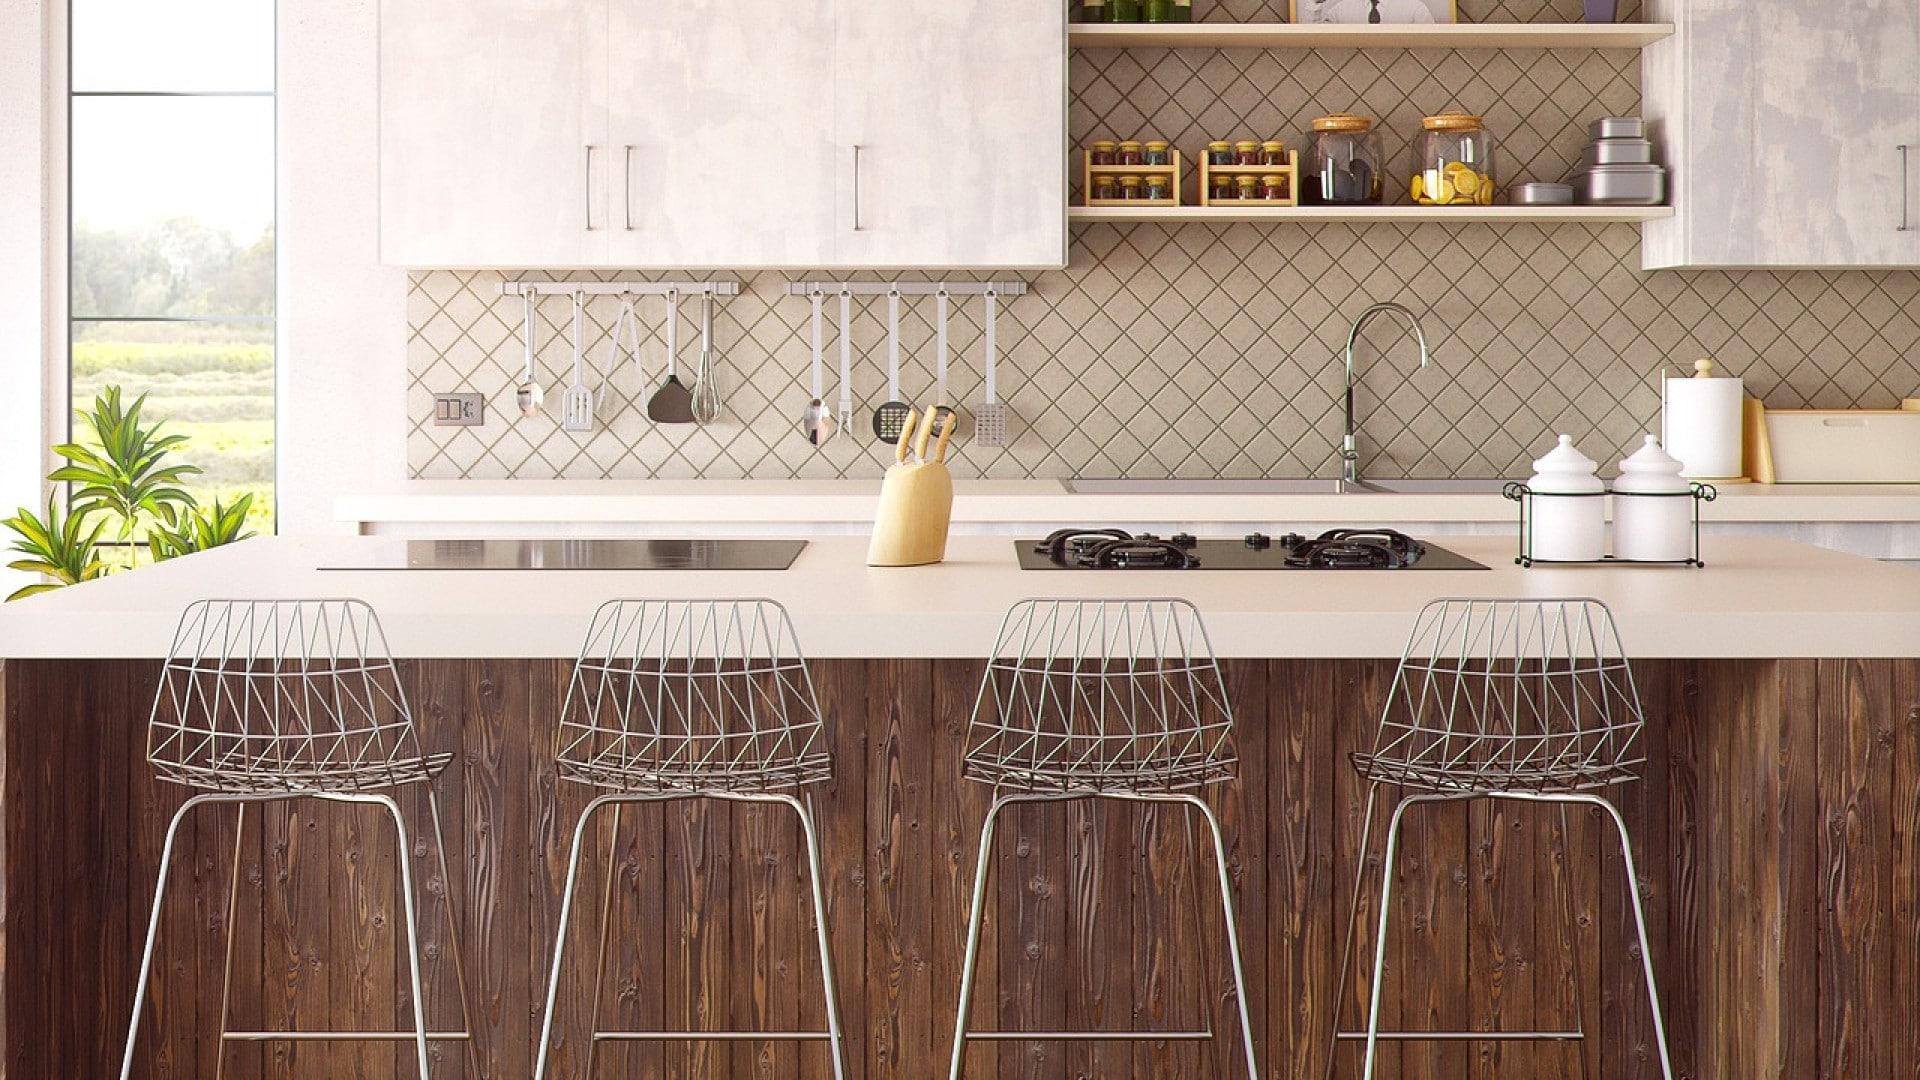 Comment peindre le carrelage mural de votre cuisine ?